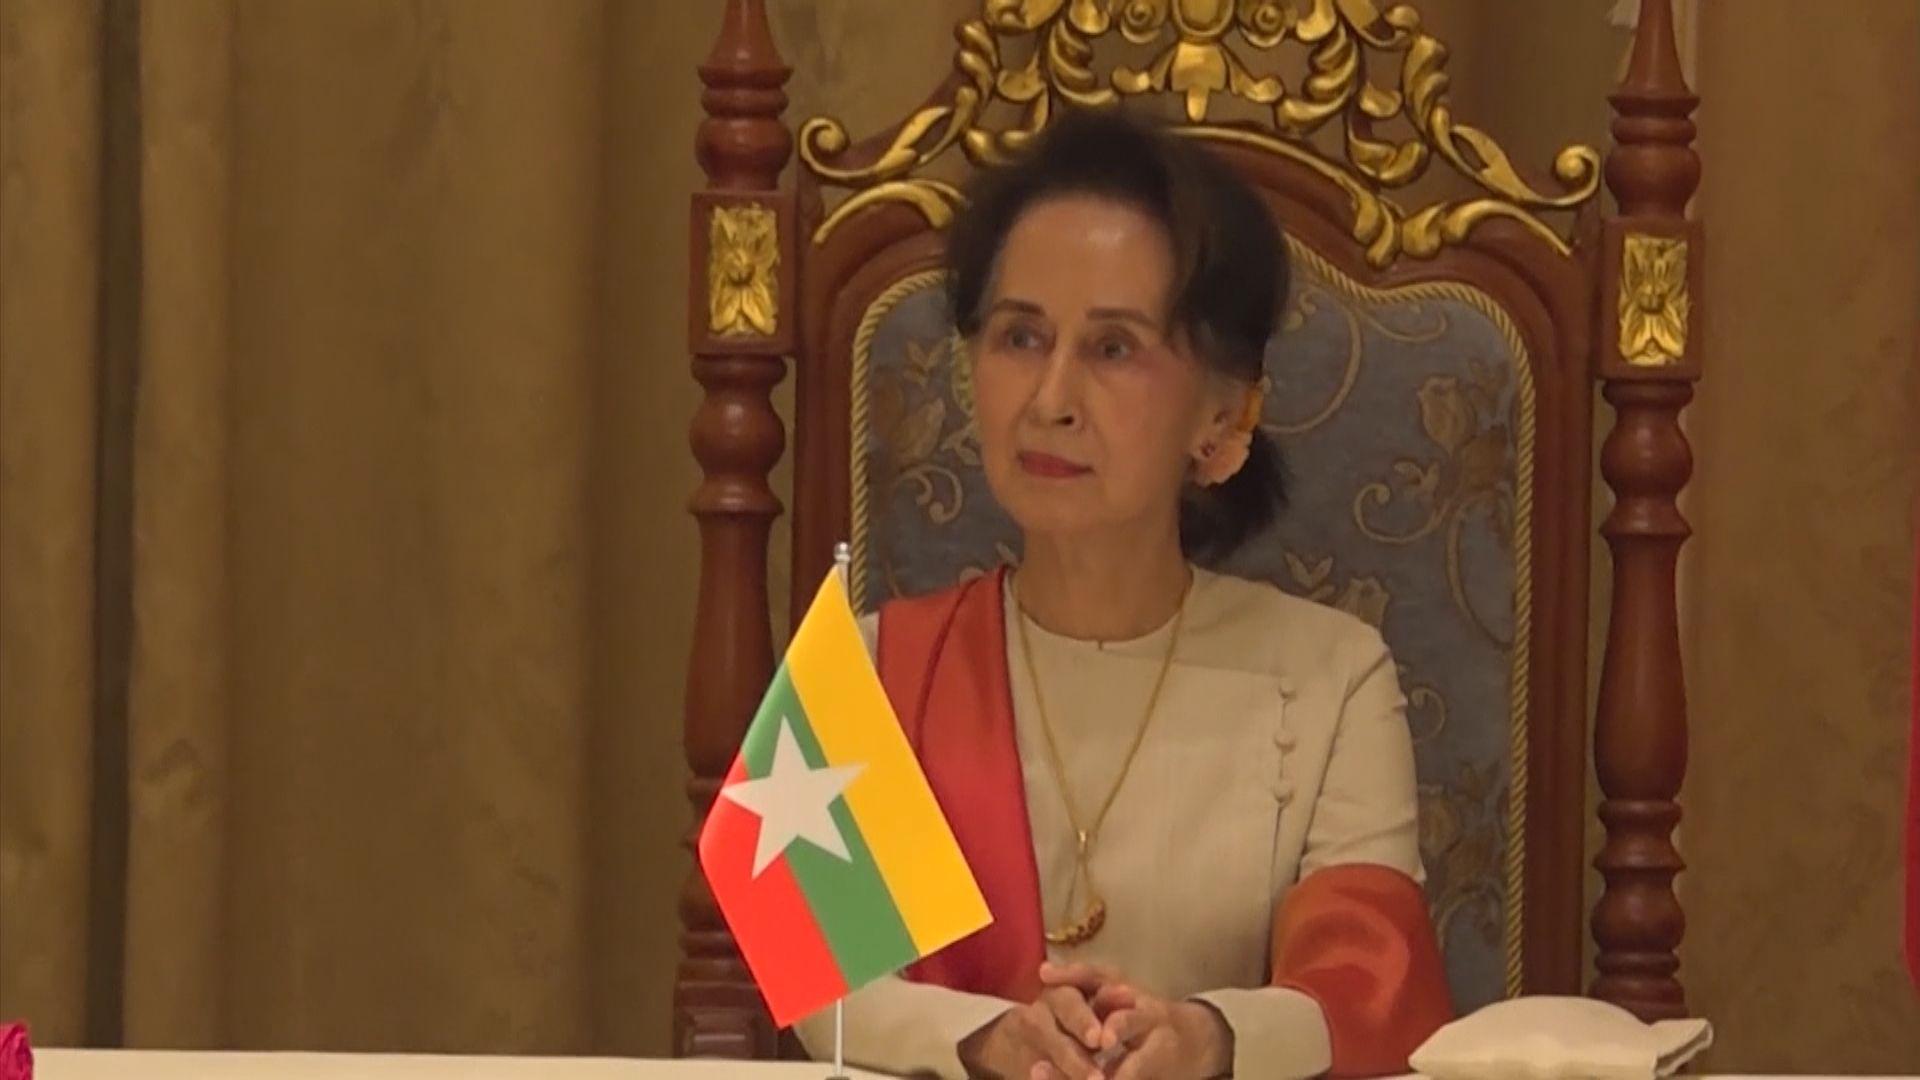 昂山素姬:中國對緬甸的支持不是出於私利